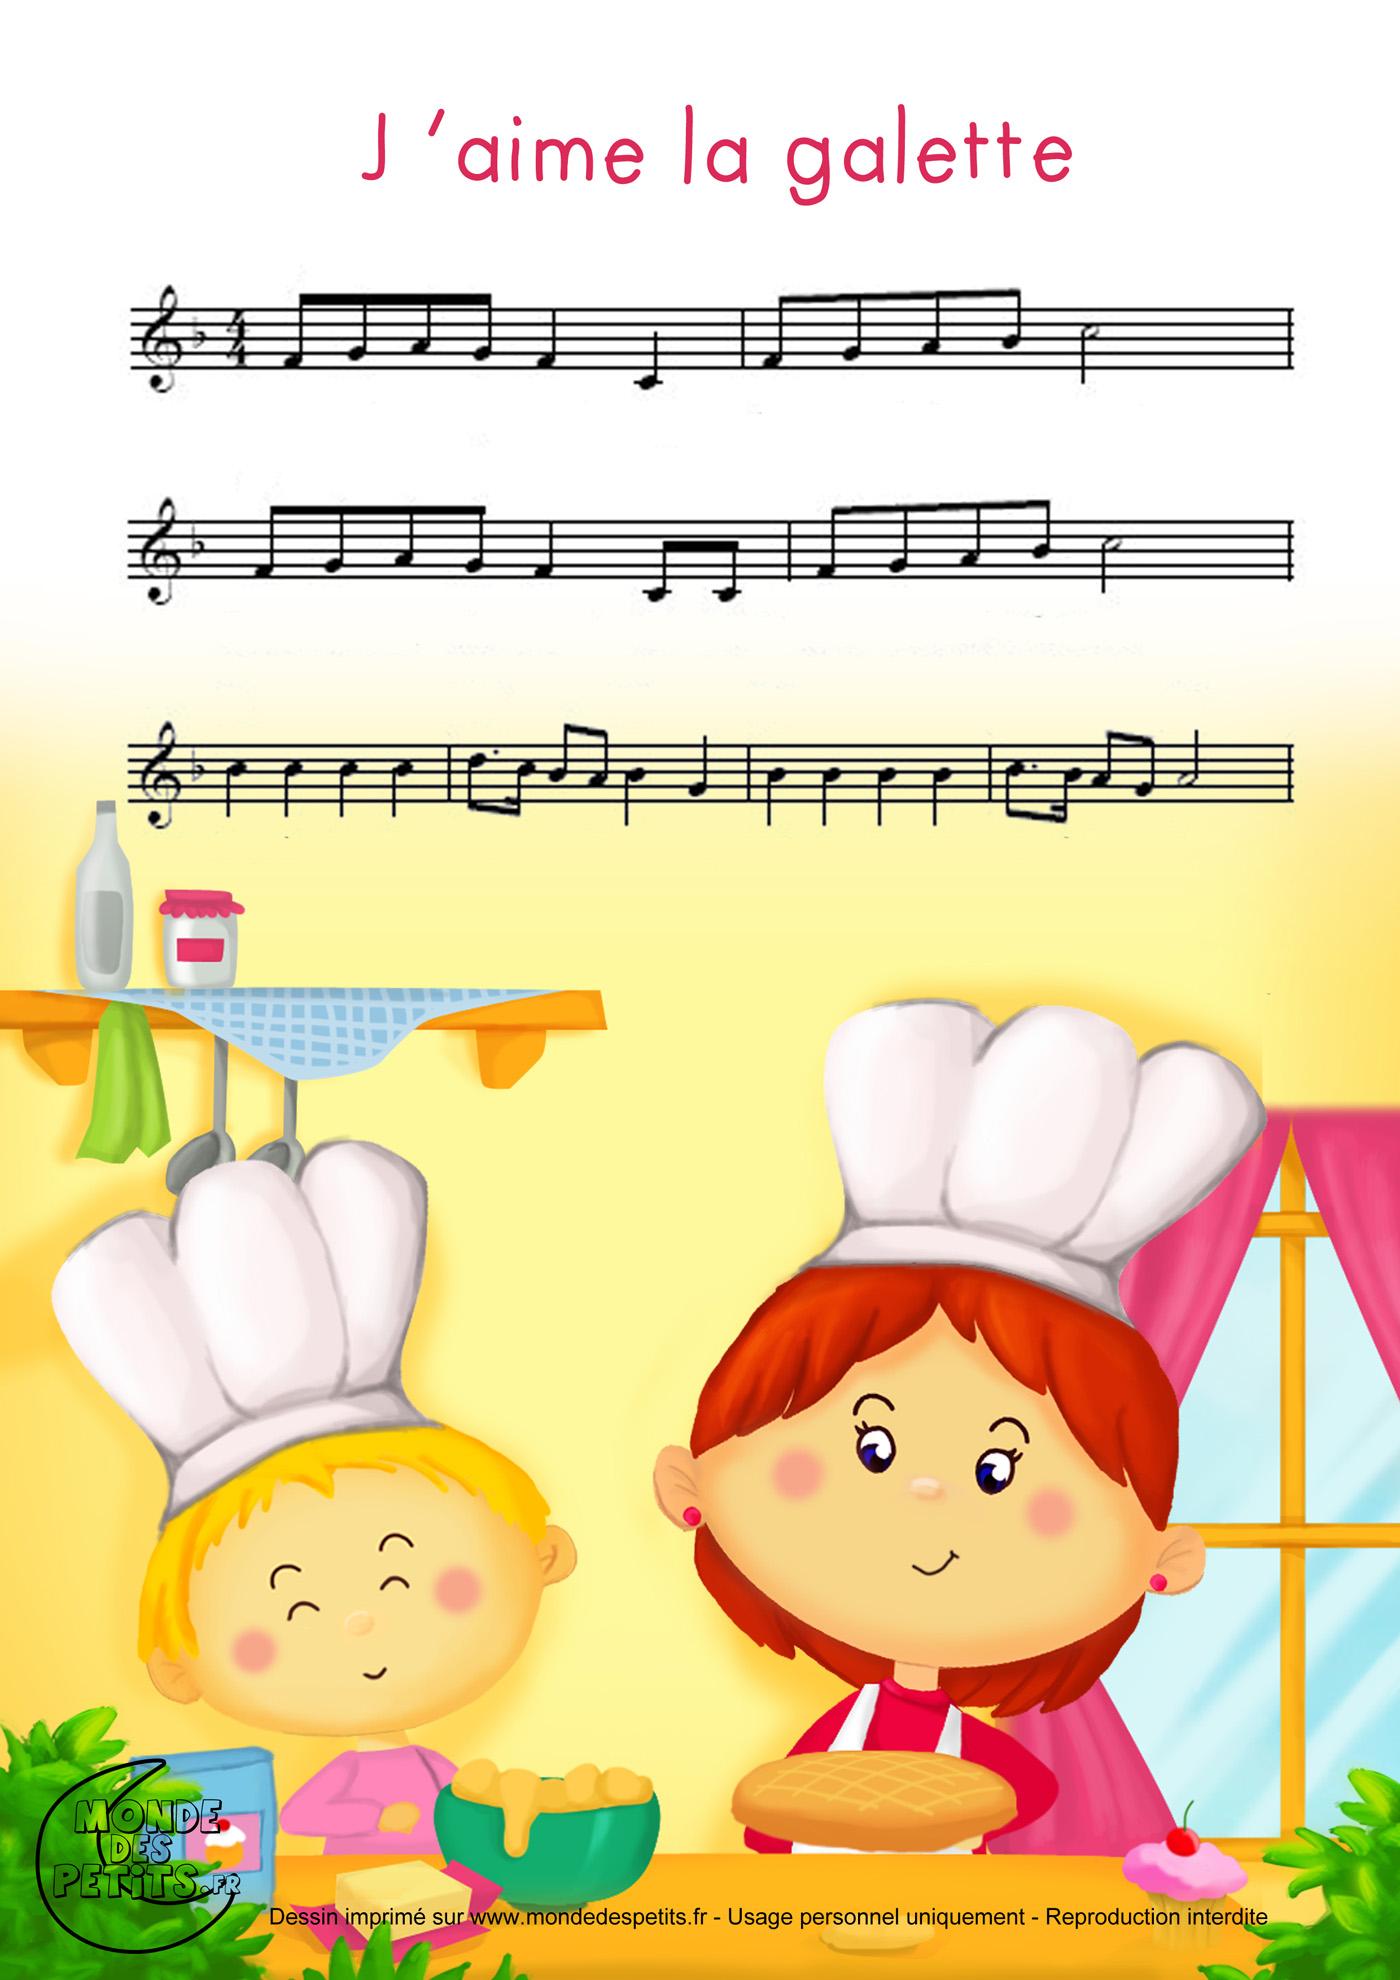 comptine, chanson, enfant, paroles, partition, imprimer, galette, aime, beurre,